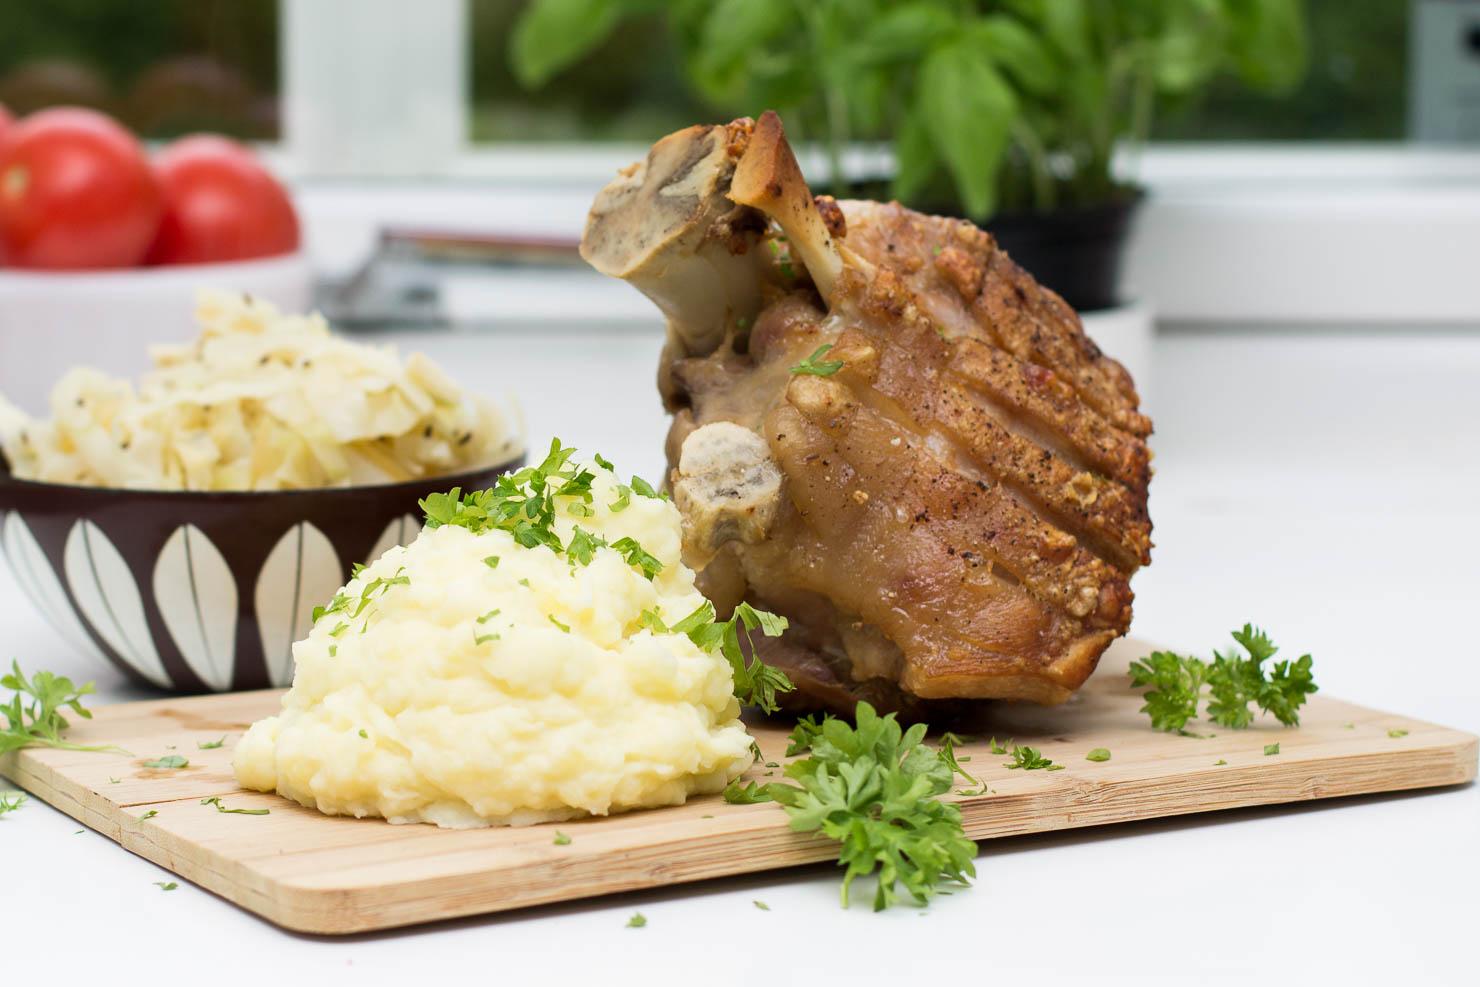 Braissert svineskank med potetmos og surkål